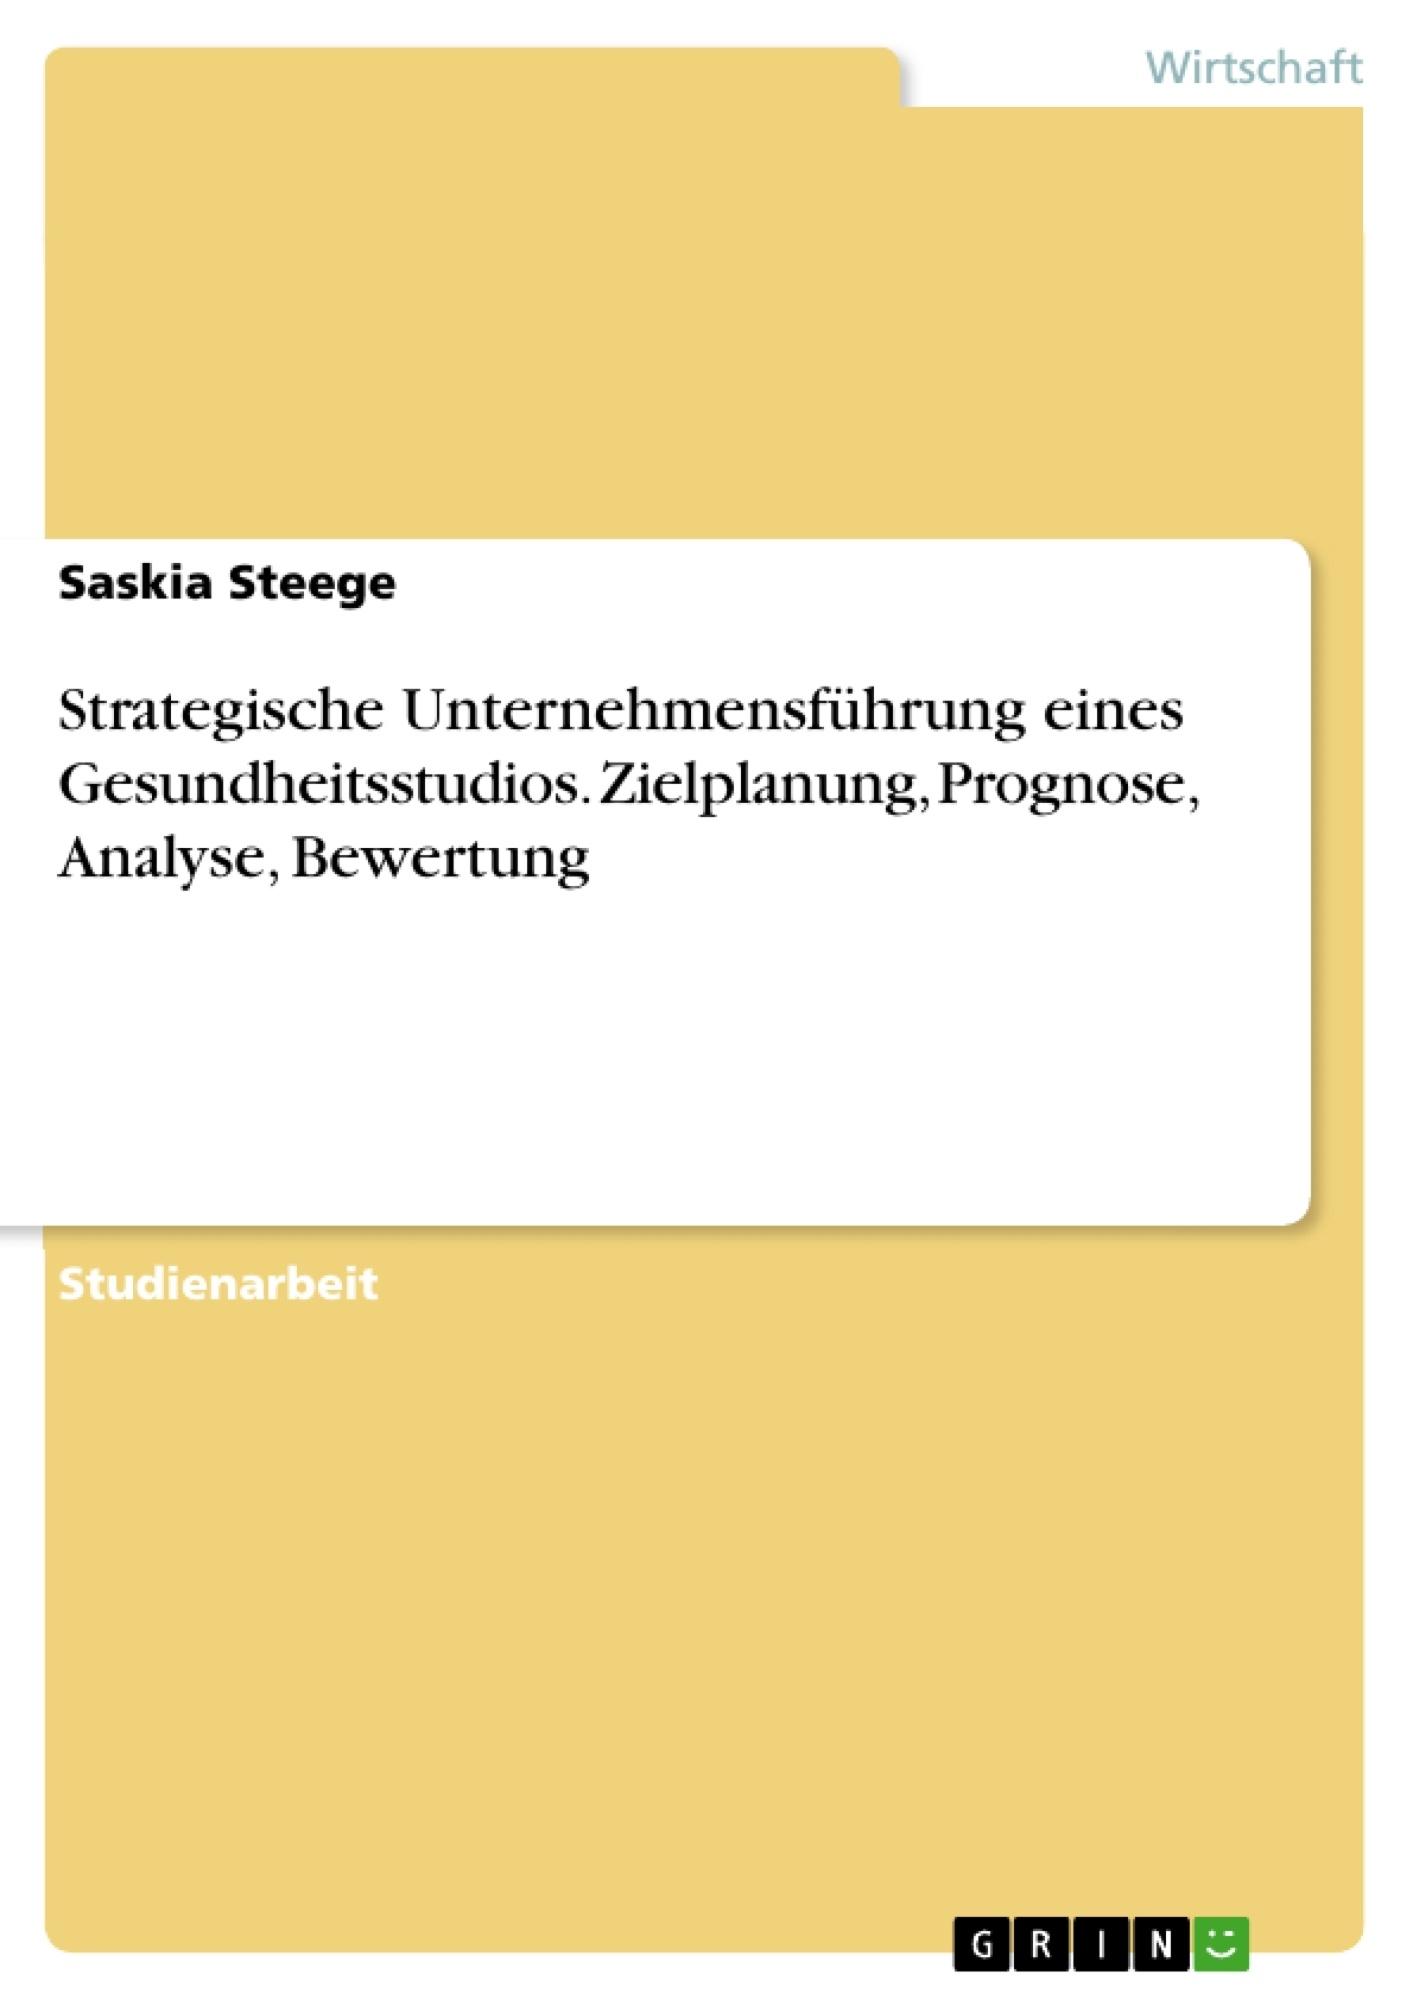 Titel: Strategische Unternehmensführung eines Gesundheitsstudios. Zielplanung, Prognose, Analyse, Bewertung